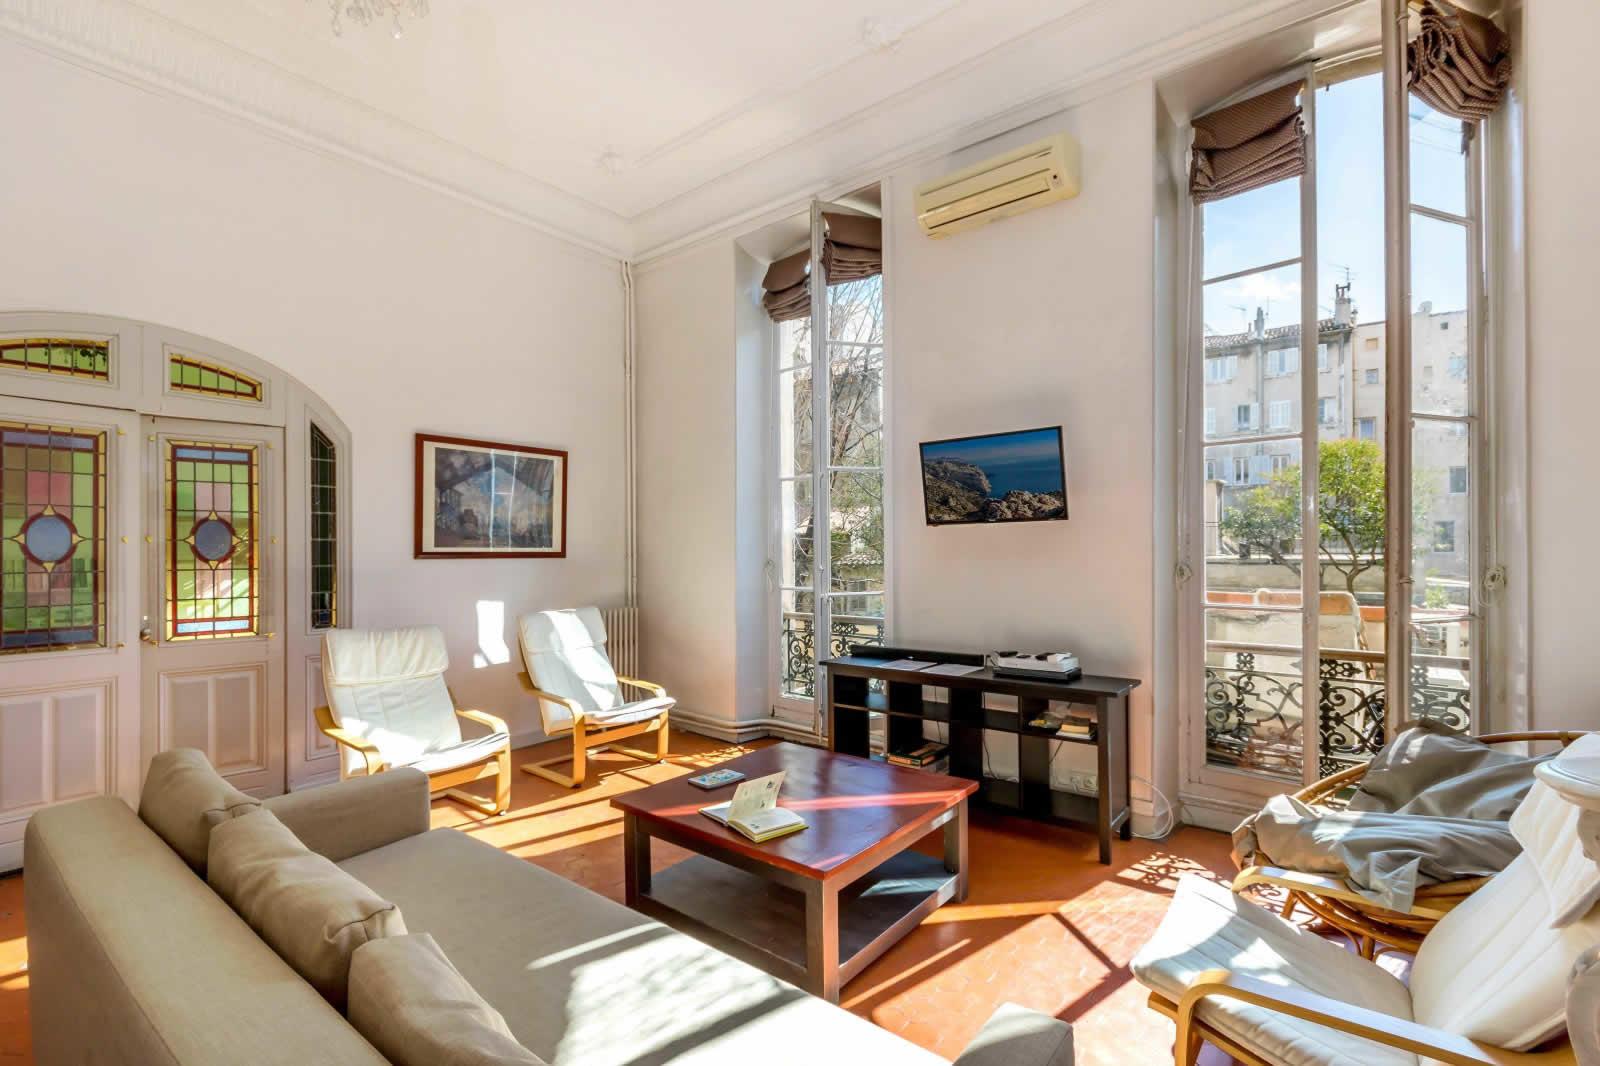 Bel appartement bourgeois au 1er tage dun htel particulier du 18me sicle  vendre